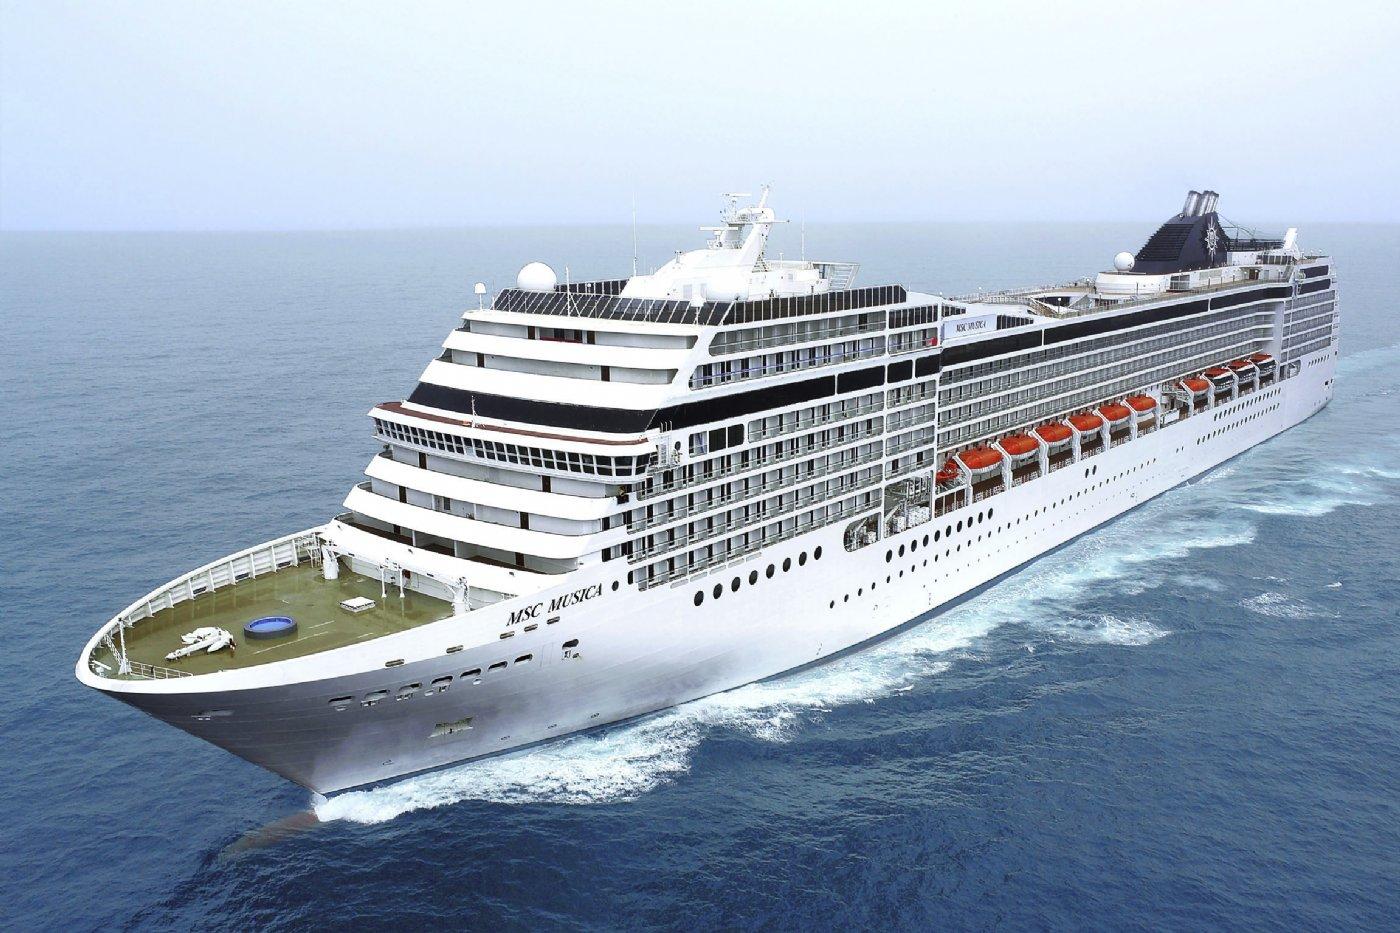 Msc Musica ile Yunanistan Karadağ İtalya Gemi Turu cruise gemi turları